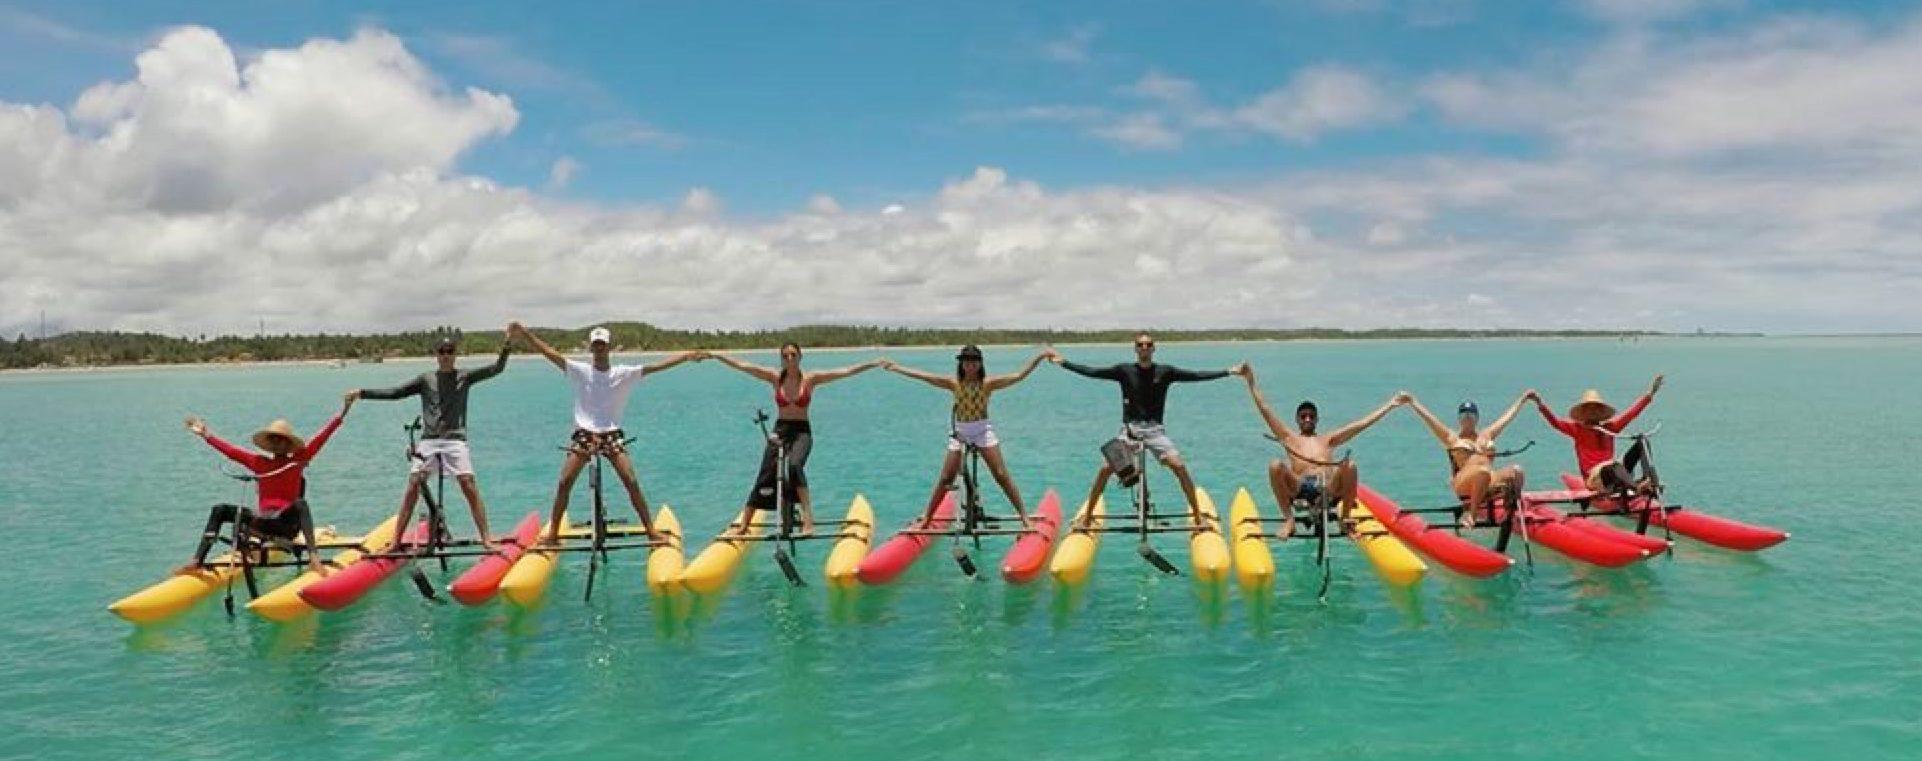 Aluguel das Bicicletas Aquáticas Chiliboats é um sucesso mundial!